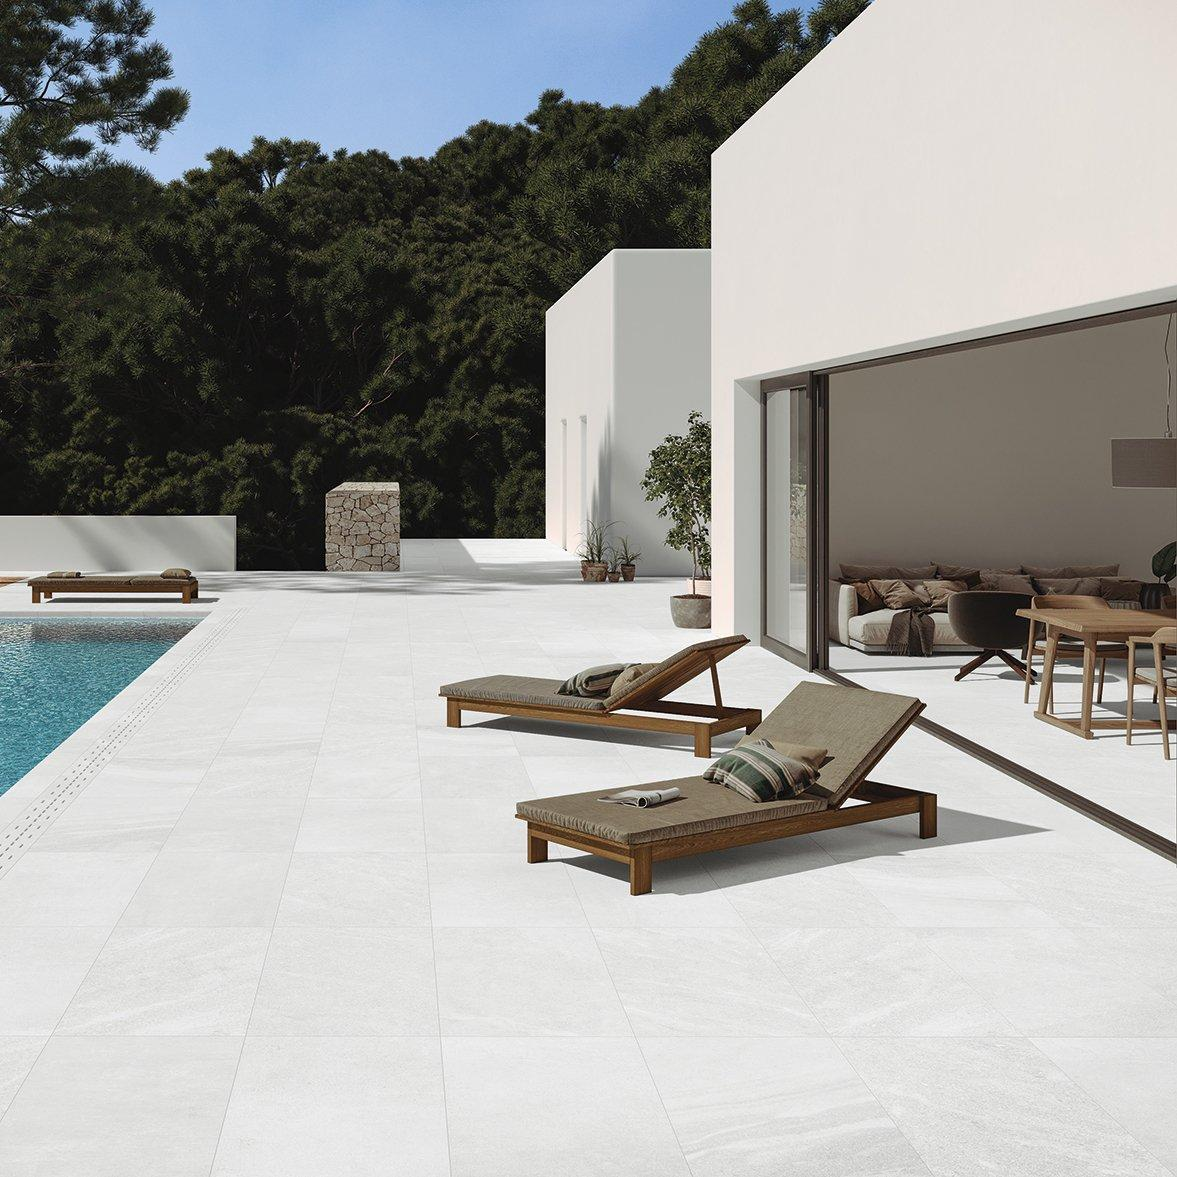 White outdoor floor tiles